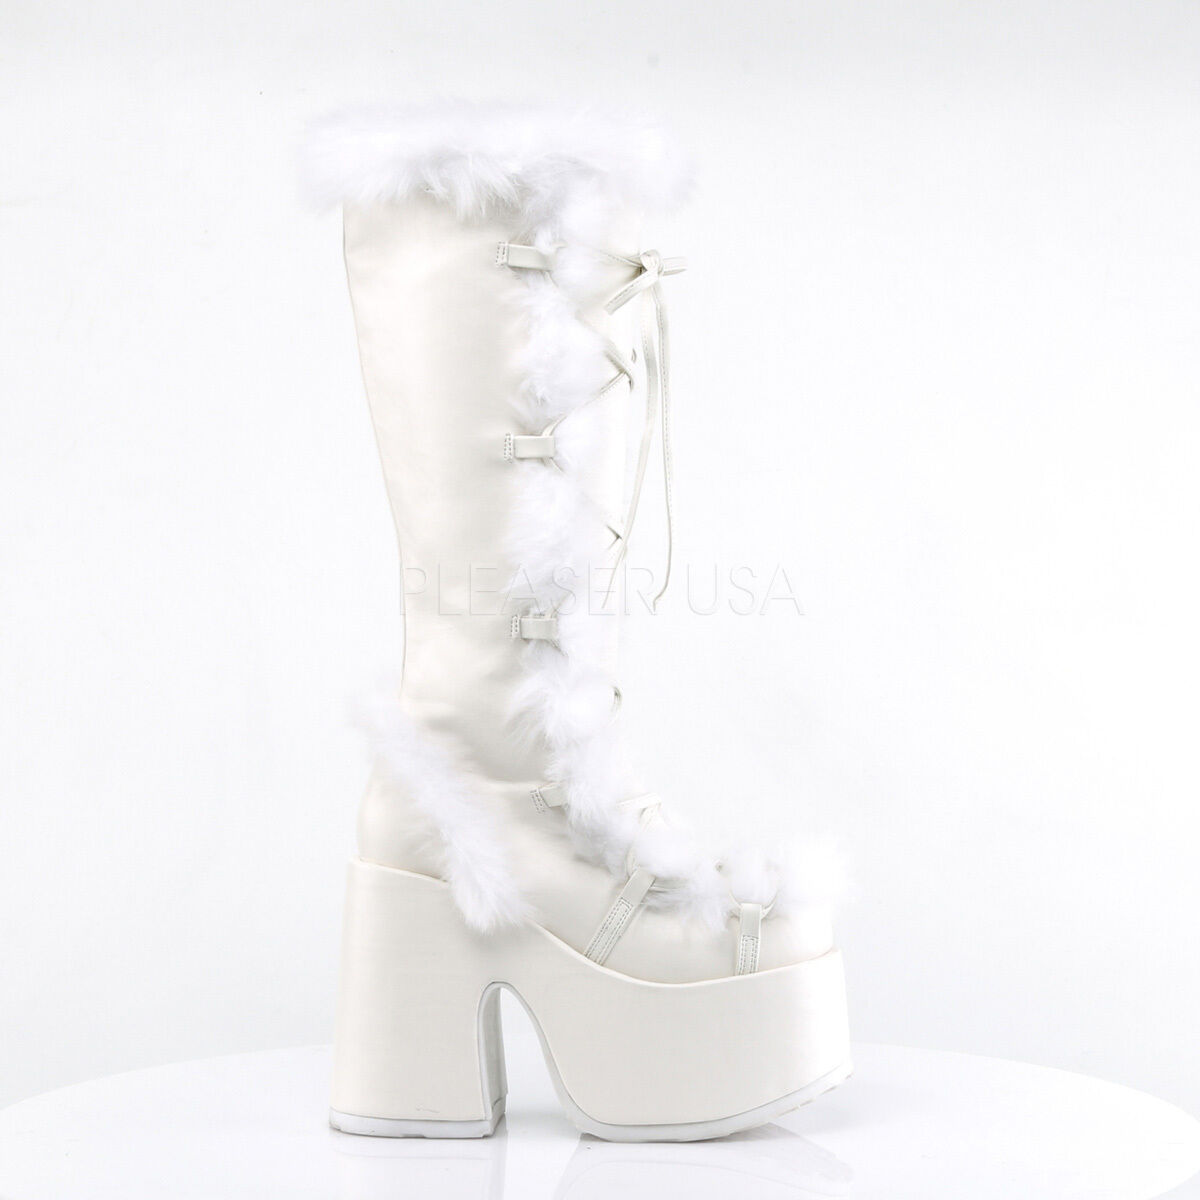 Huge Demonia 5  Platform White Suede Fur Knee Boots Glam Gothic Goth Club 6-12